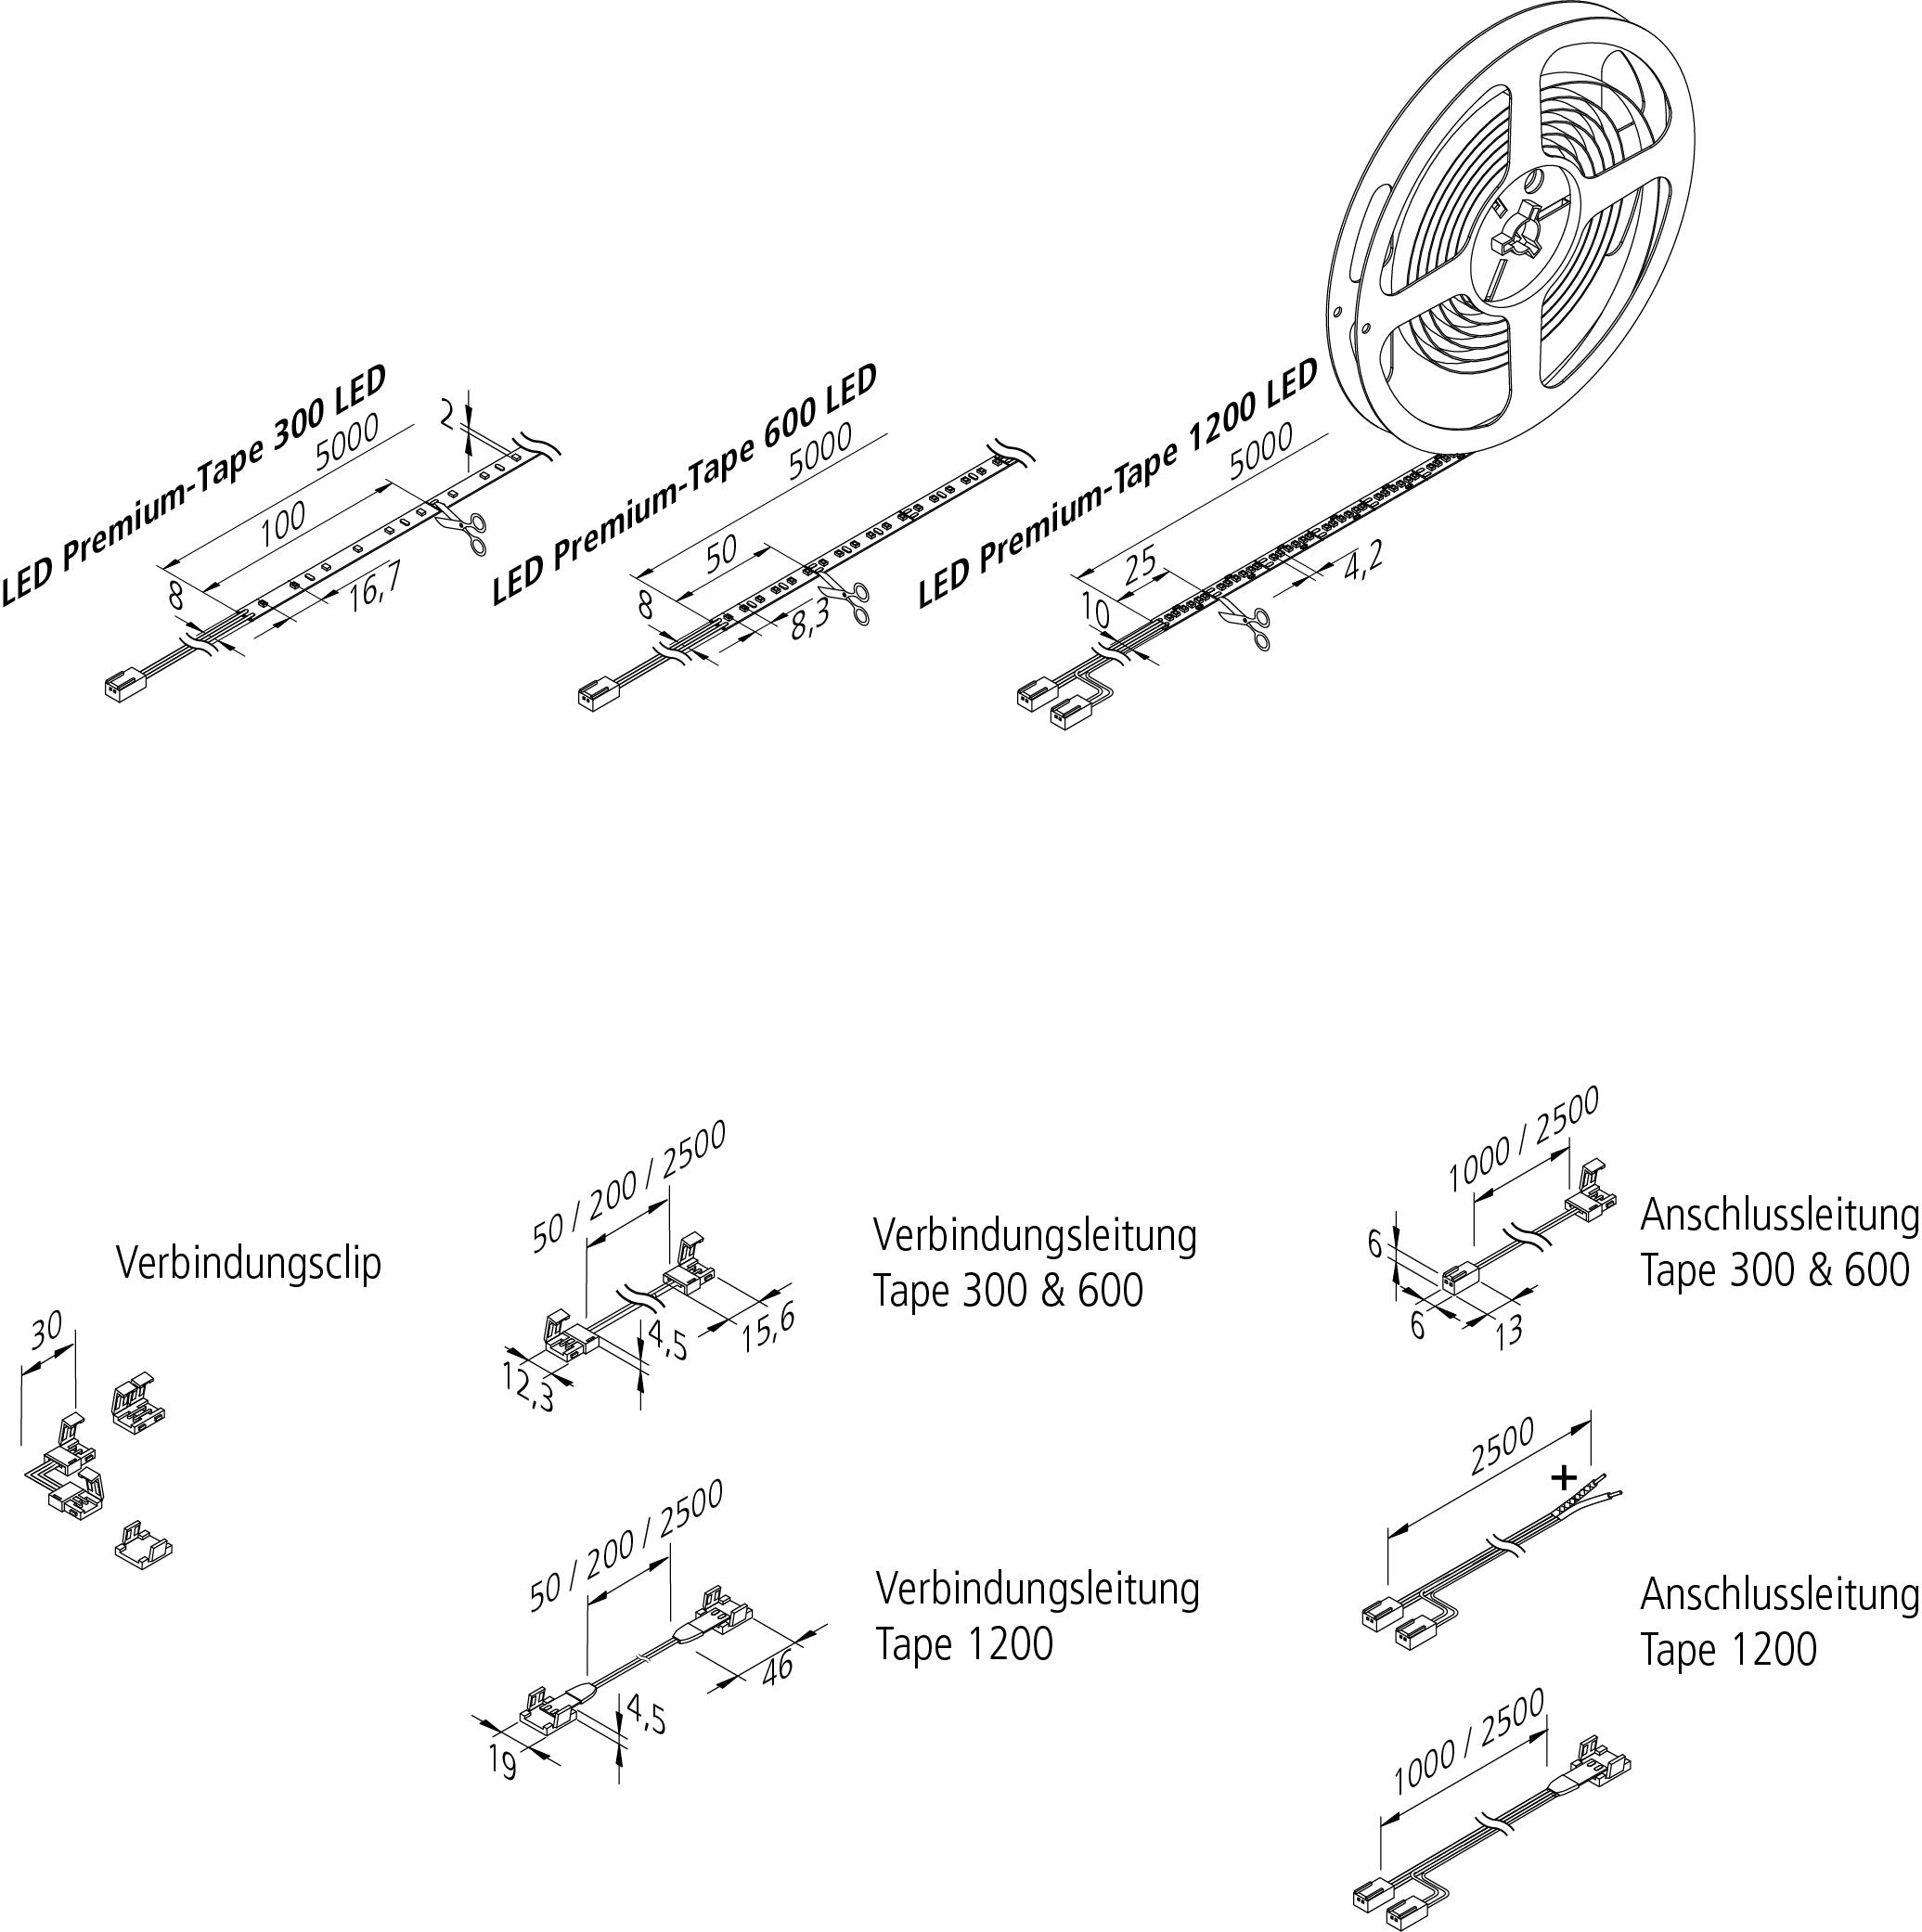 Vorschau: LED-Premium-Tape_de